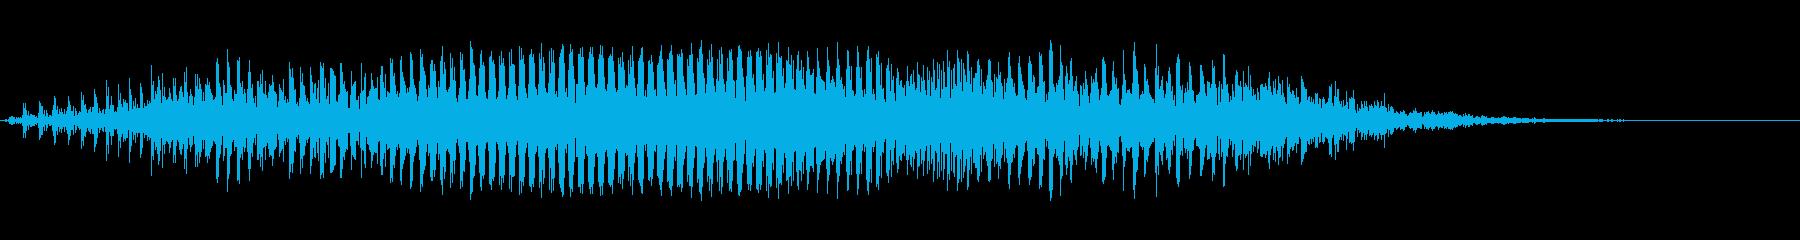 モォ〜♪牛の鳴き声の効果音 08の再生済みの波形